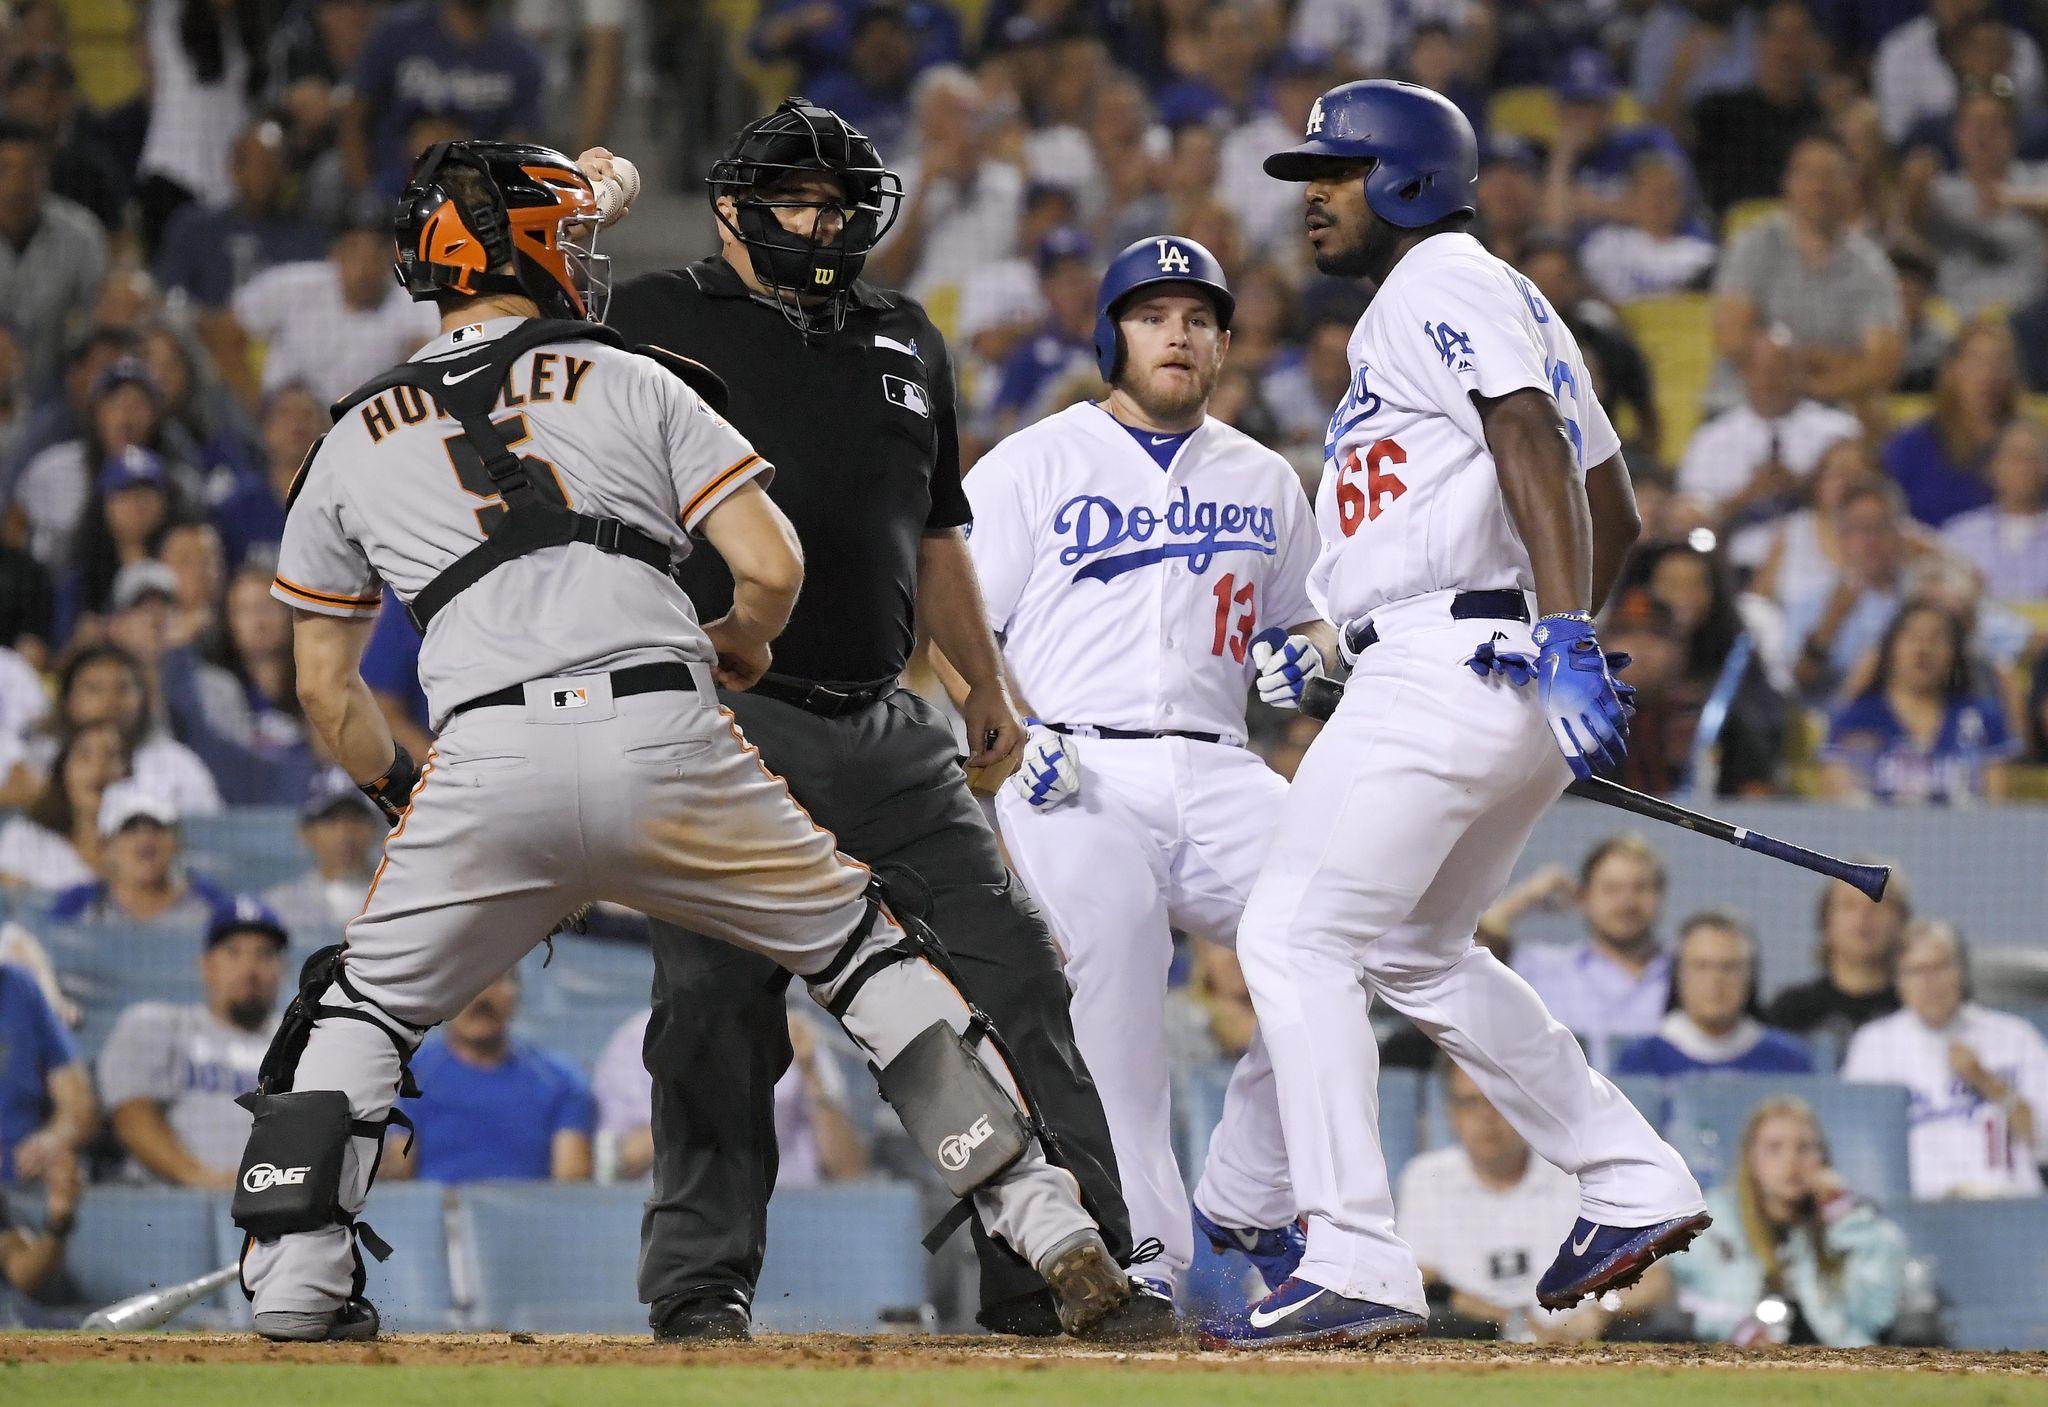 Giants_dodgers_baseball_37247_s2048x1407